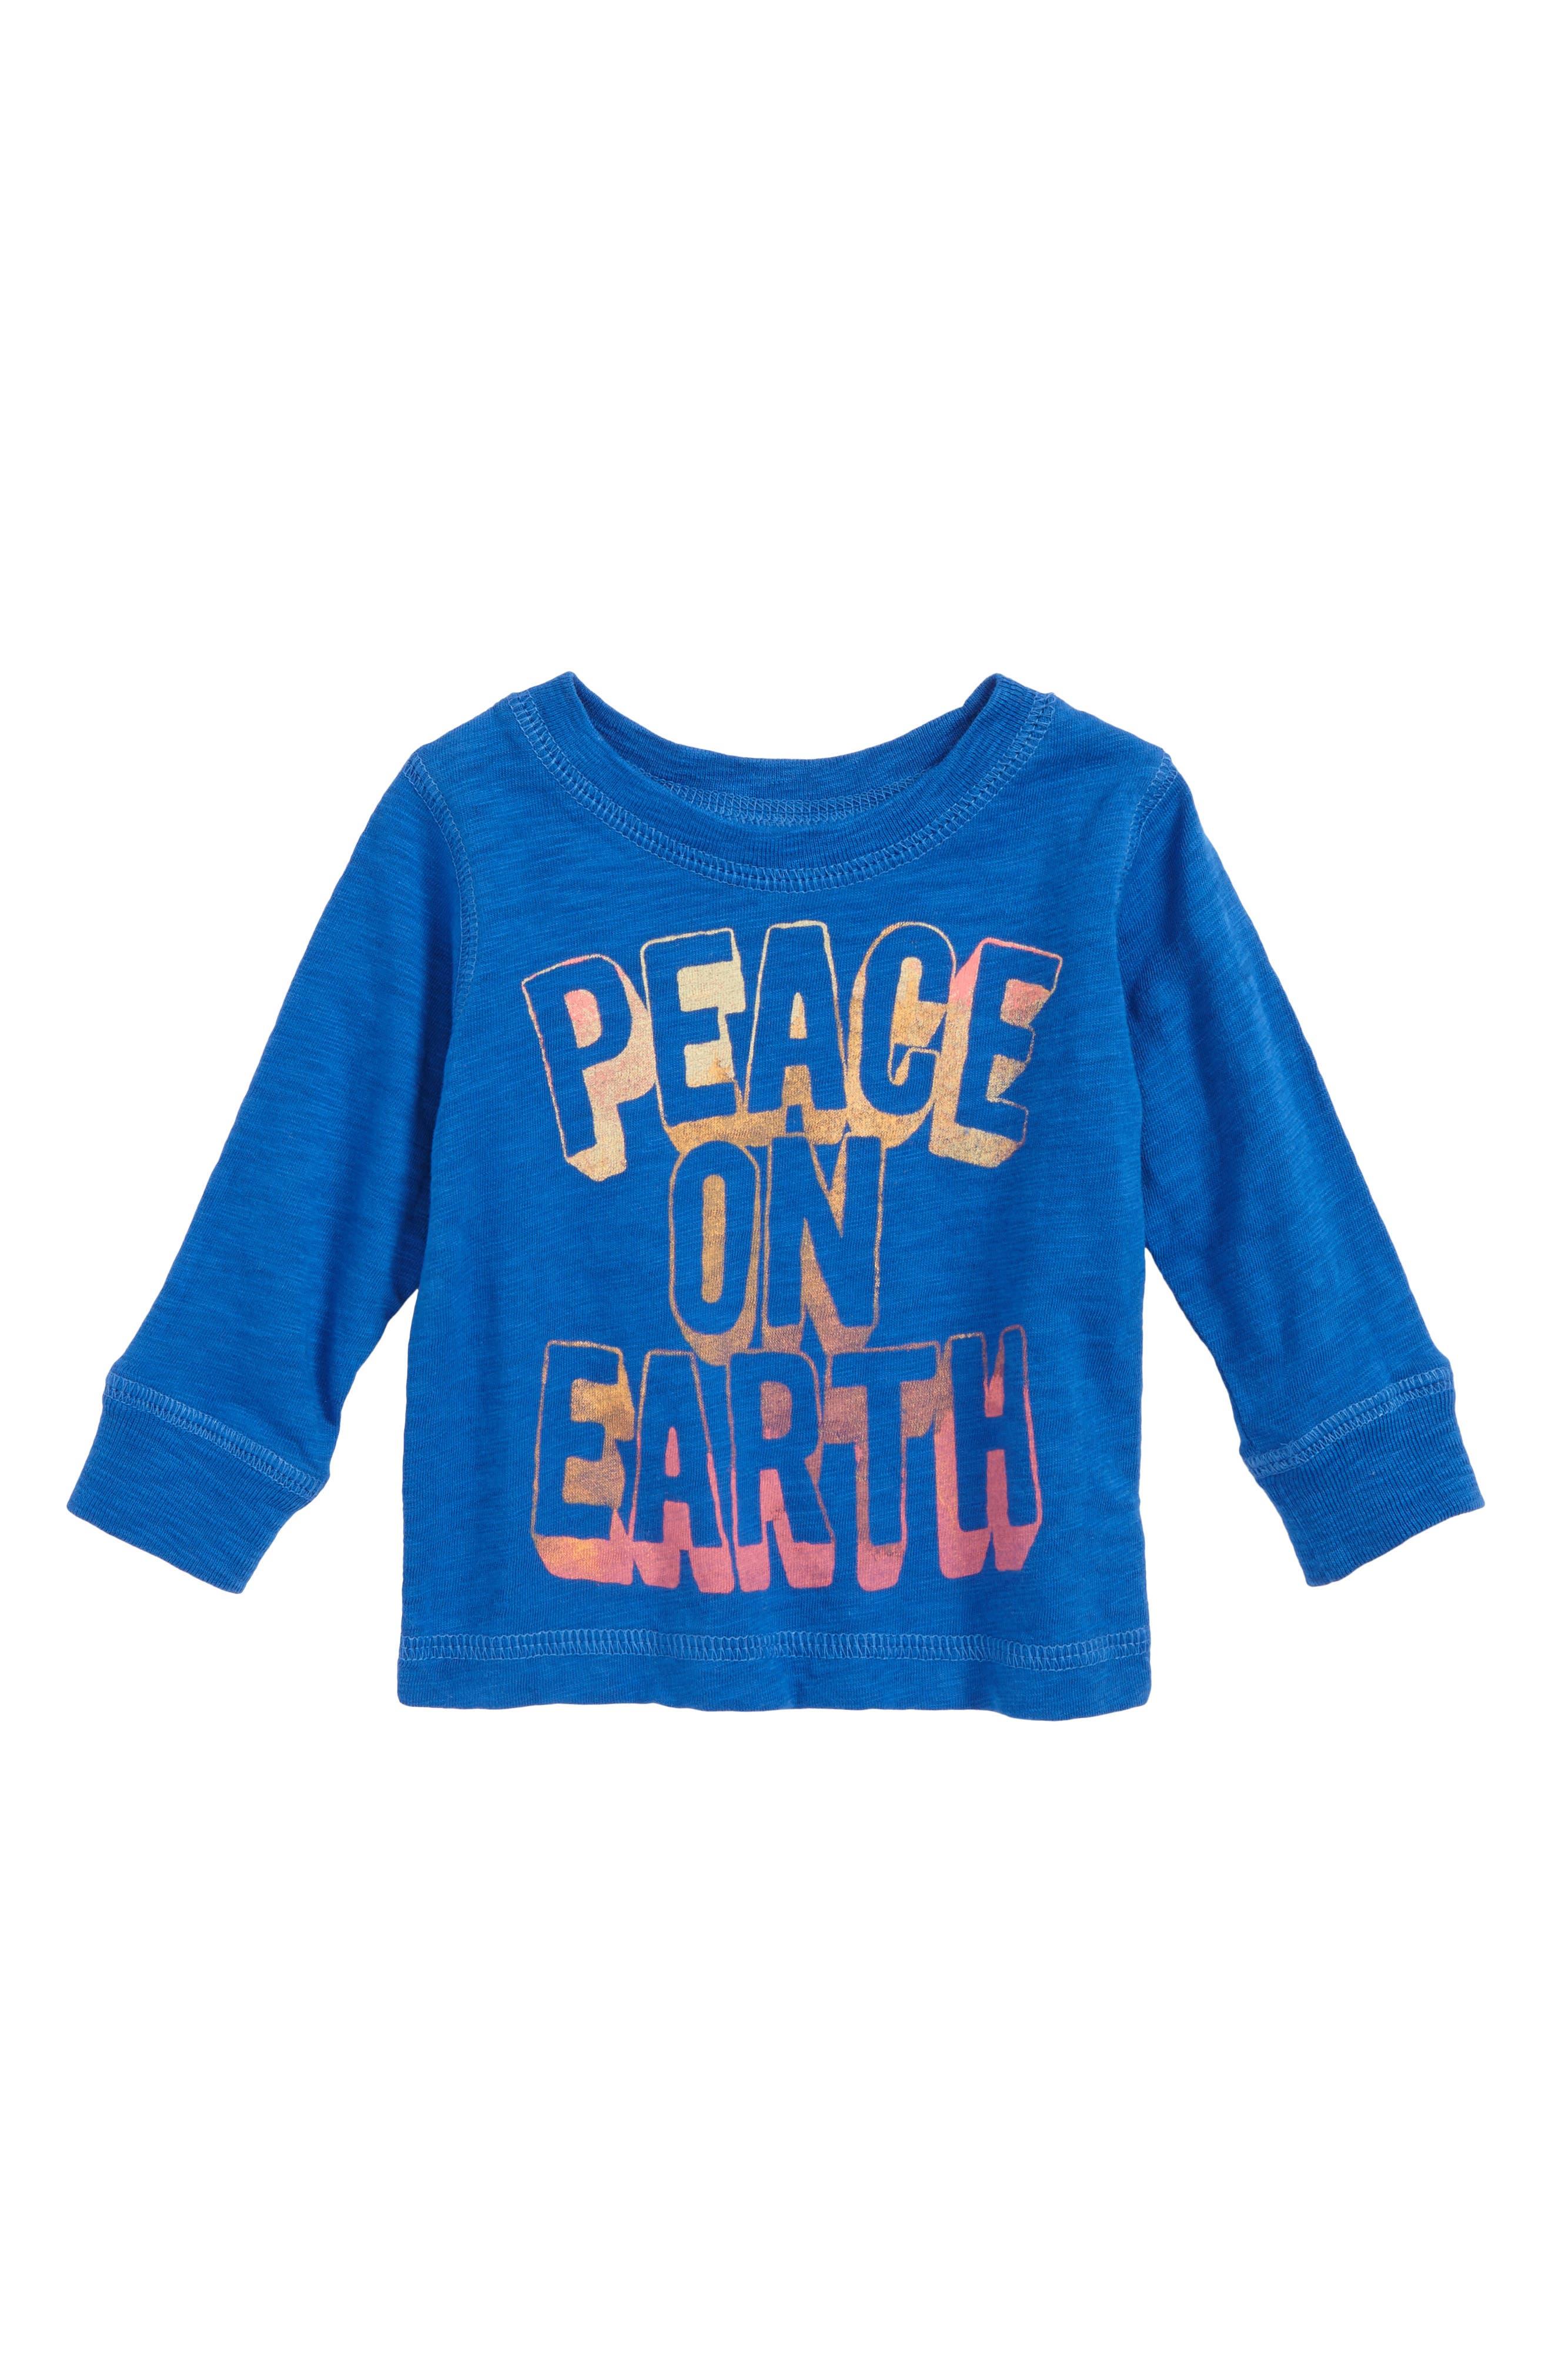 Peek Peace on Earth T-Shirt,                             Main thumbnail 1, color,                             410